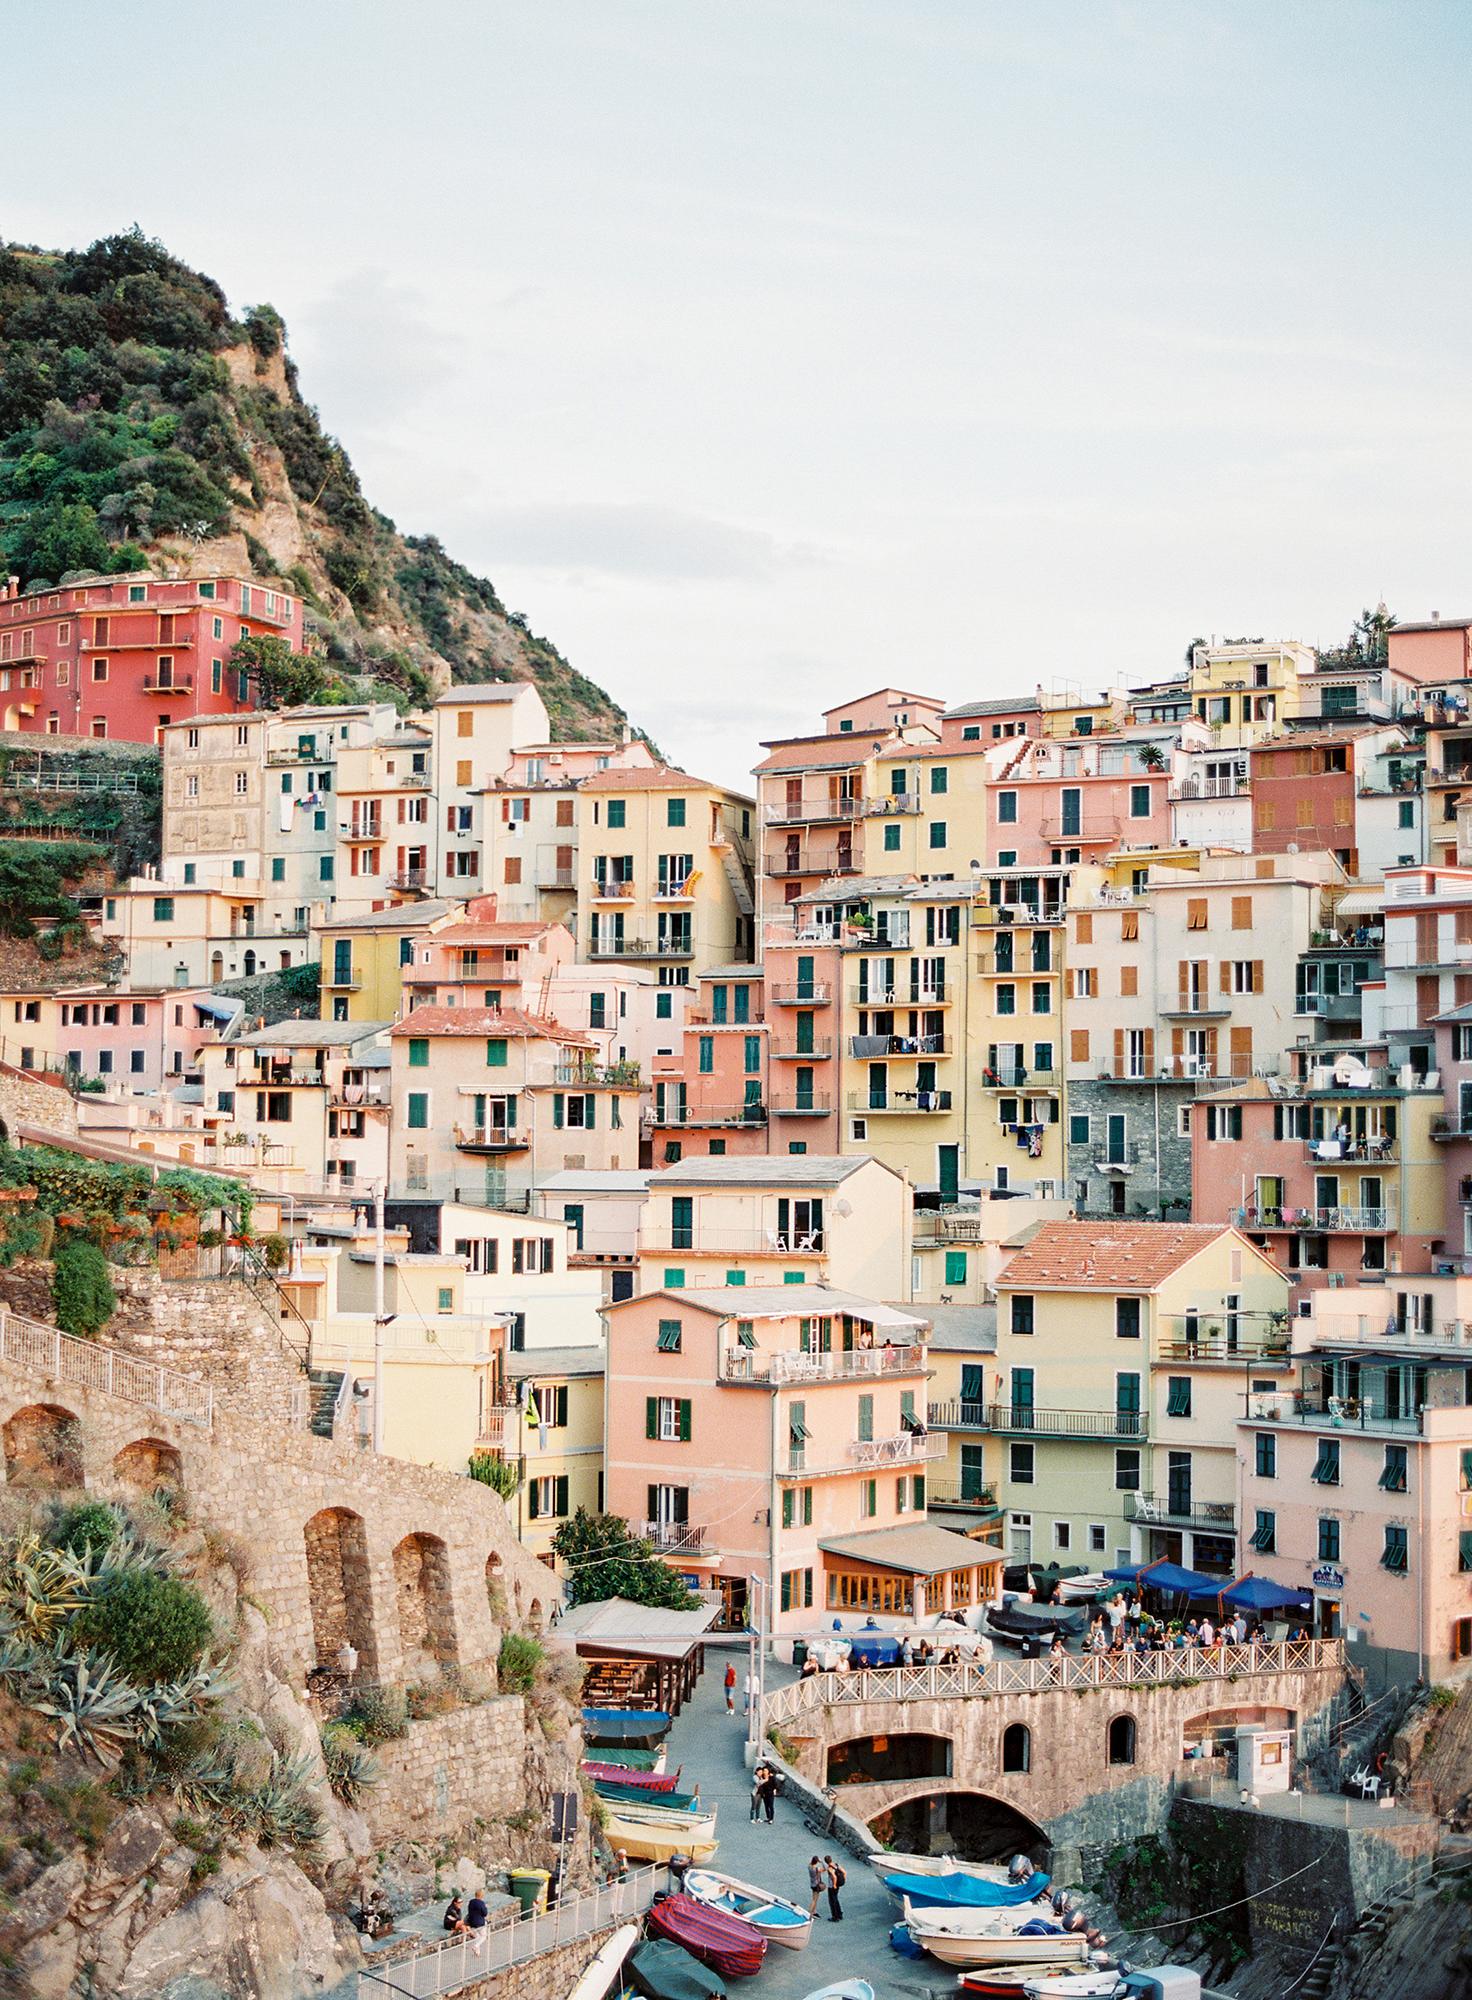 Liguria's Cinque Terre